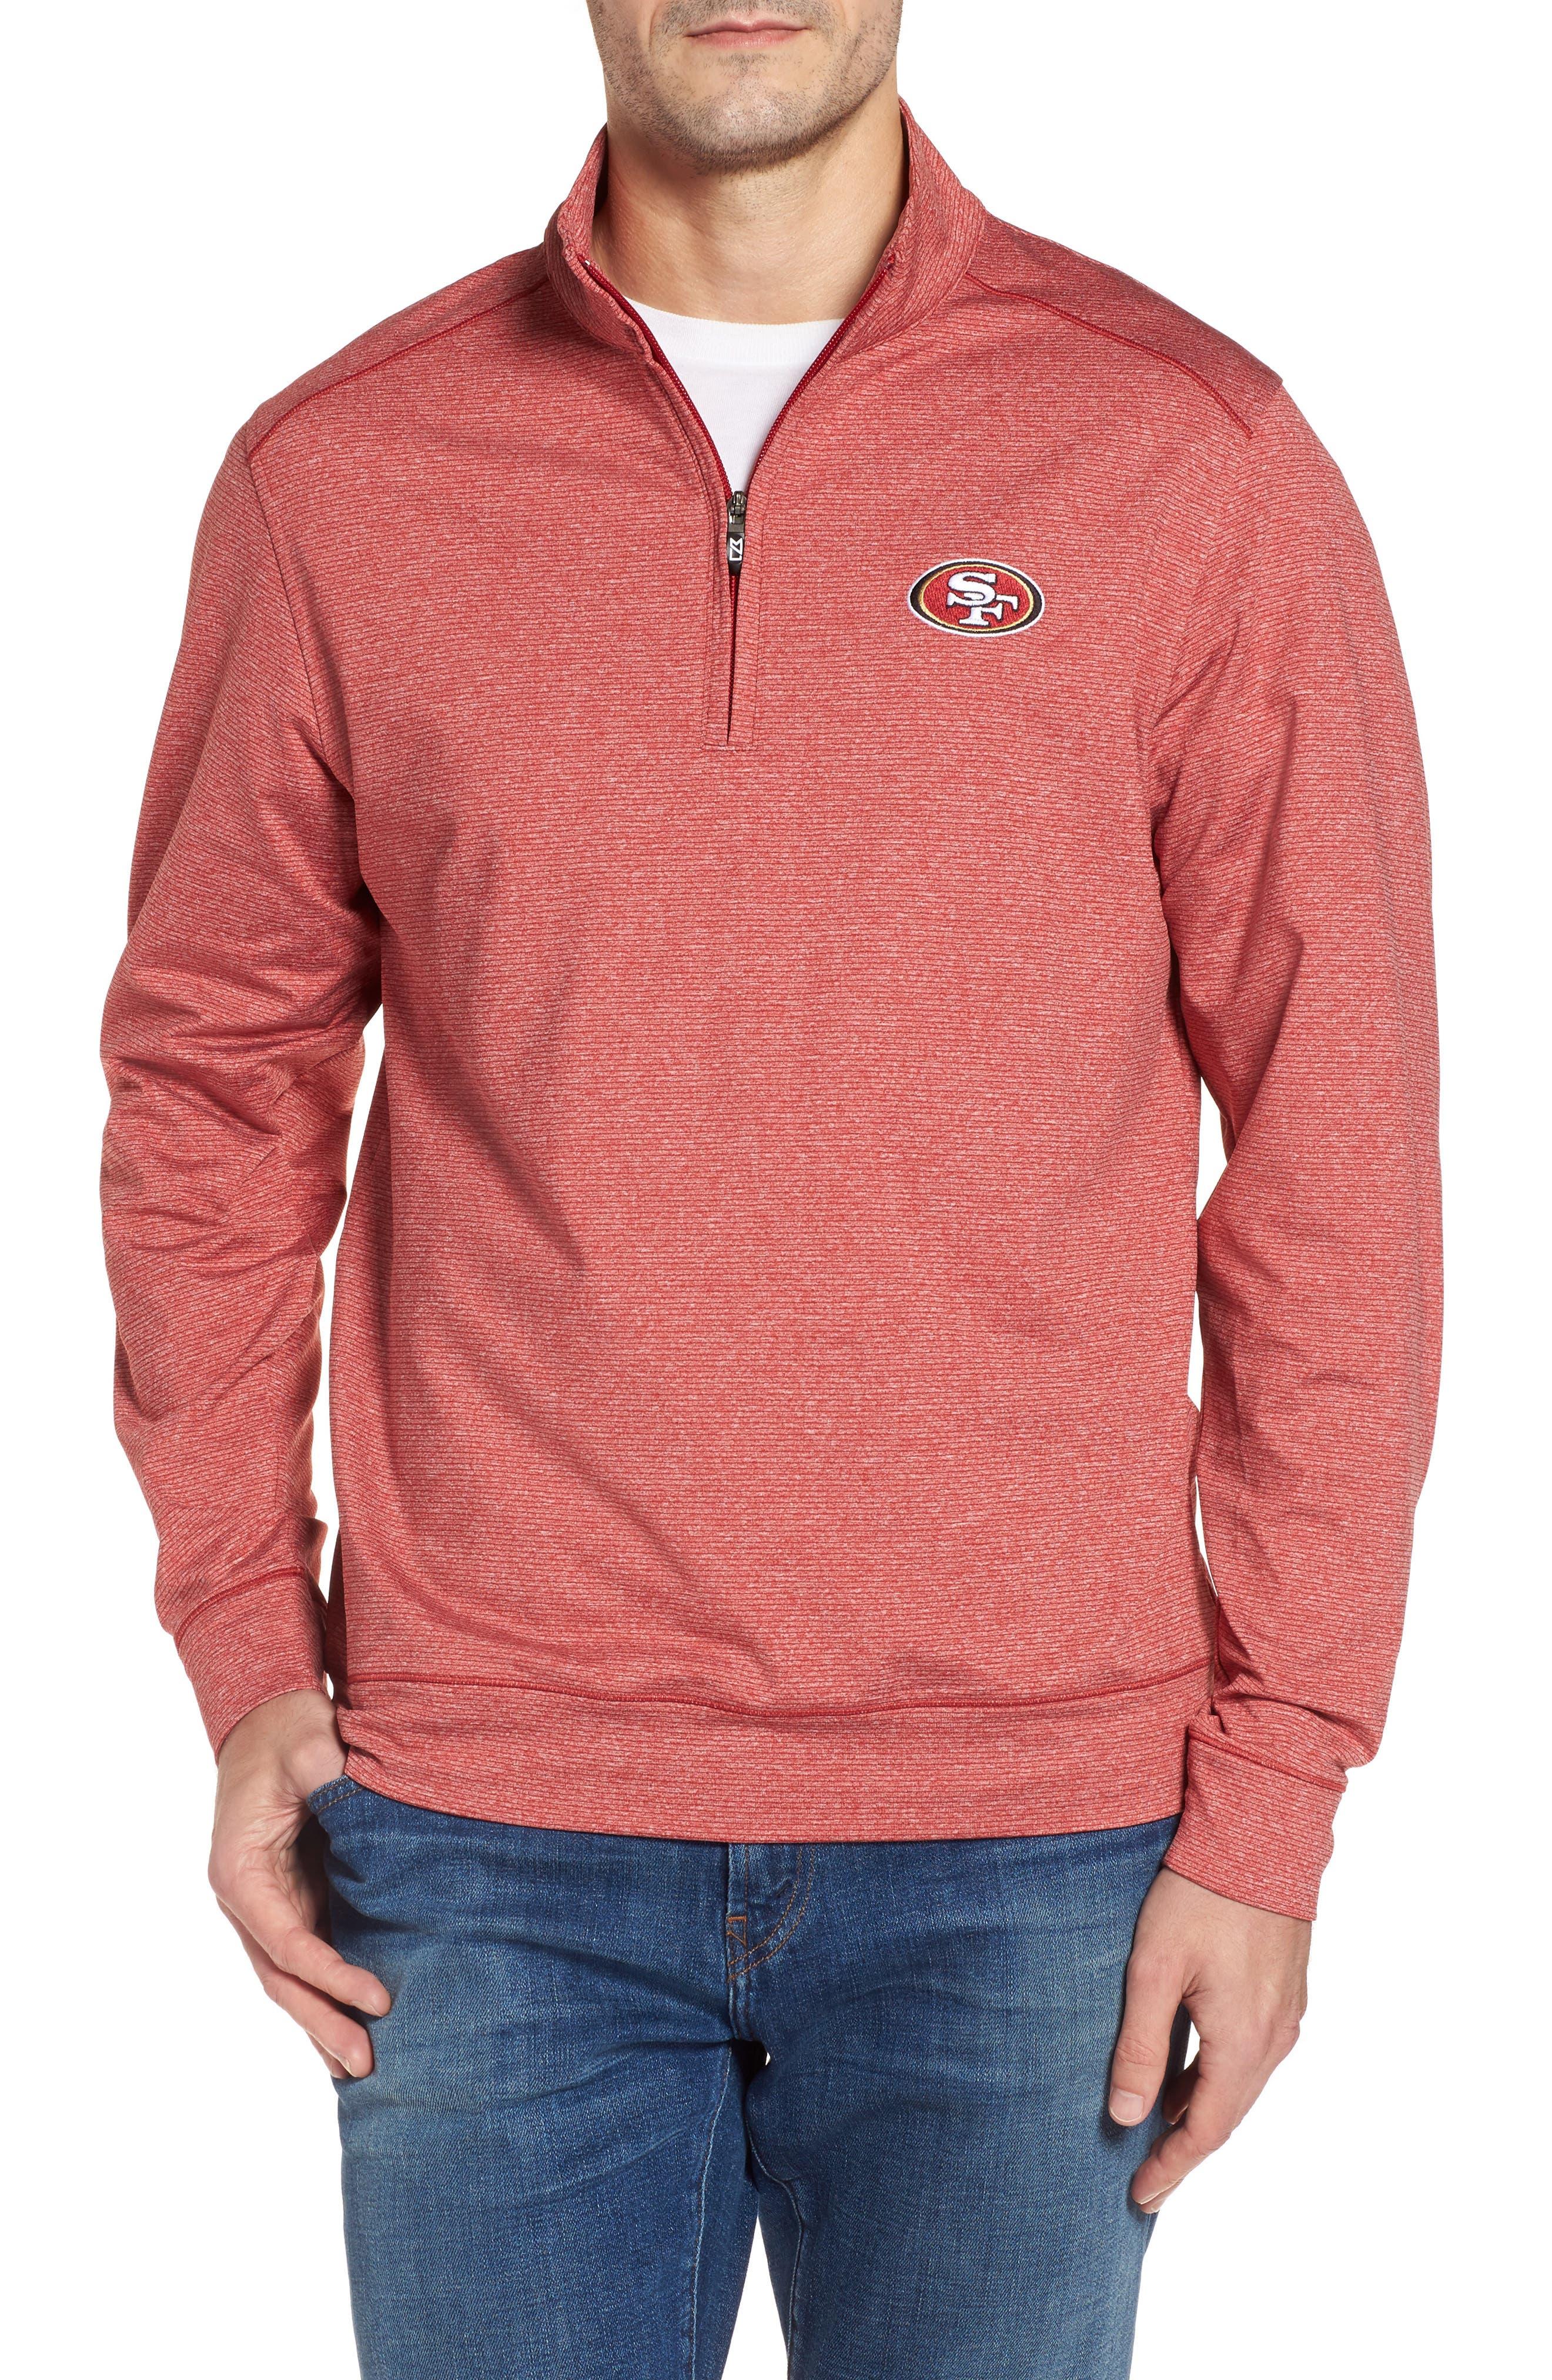 Shoreline - San Francisco 49ers Half Zip Pullover,                         Main,                         color, 615